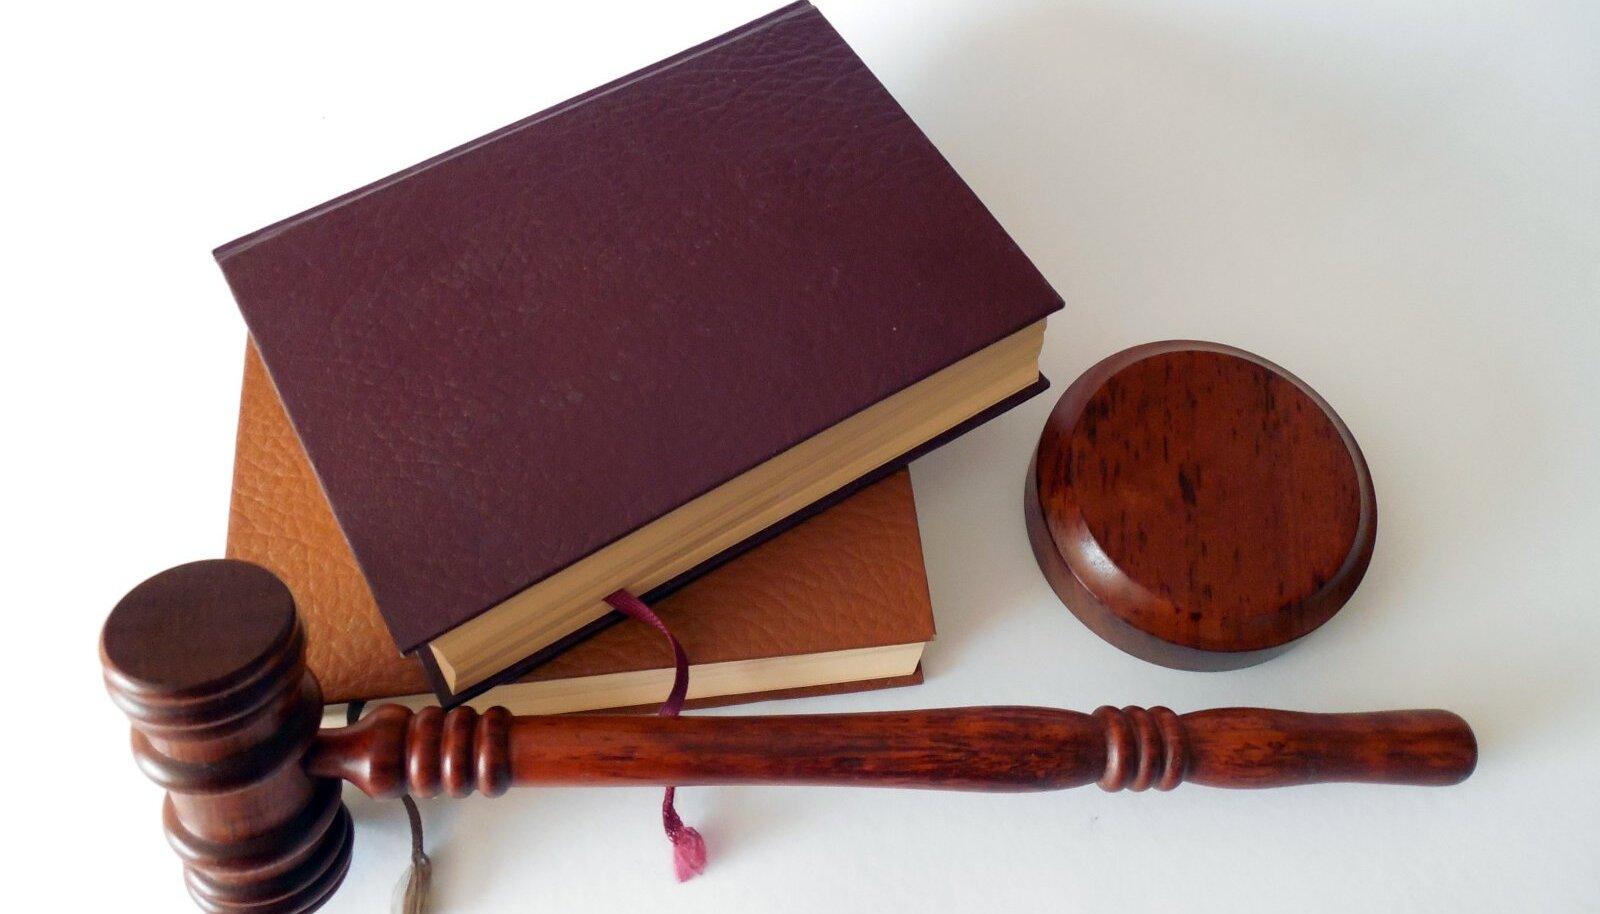 Kui kokkulepe töömehega tekitab eriarvamusi ja vaidlus püsib lahendamata, siis on võimalik minna asja kohtusse selgitama.